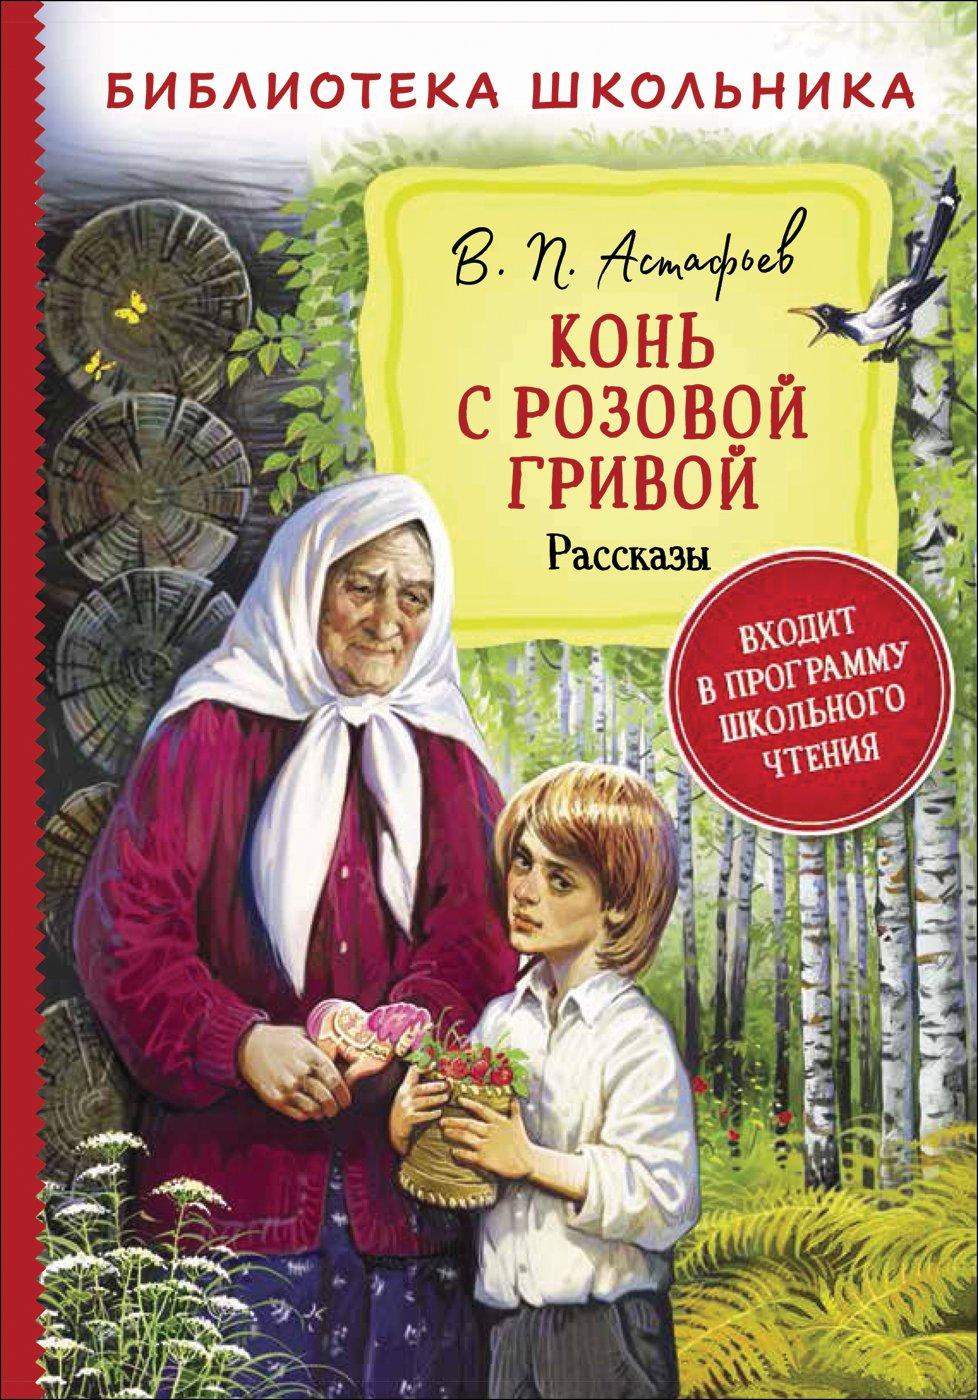 Астафьев Виктор Петрович Астафьев В. Конь с розовой гривой. Рассказы (Библиотека школьника)